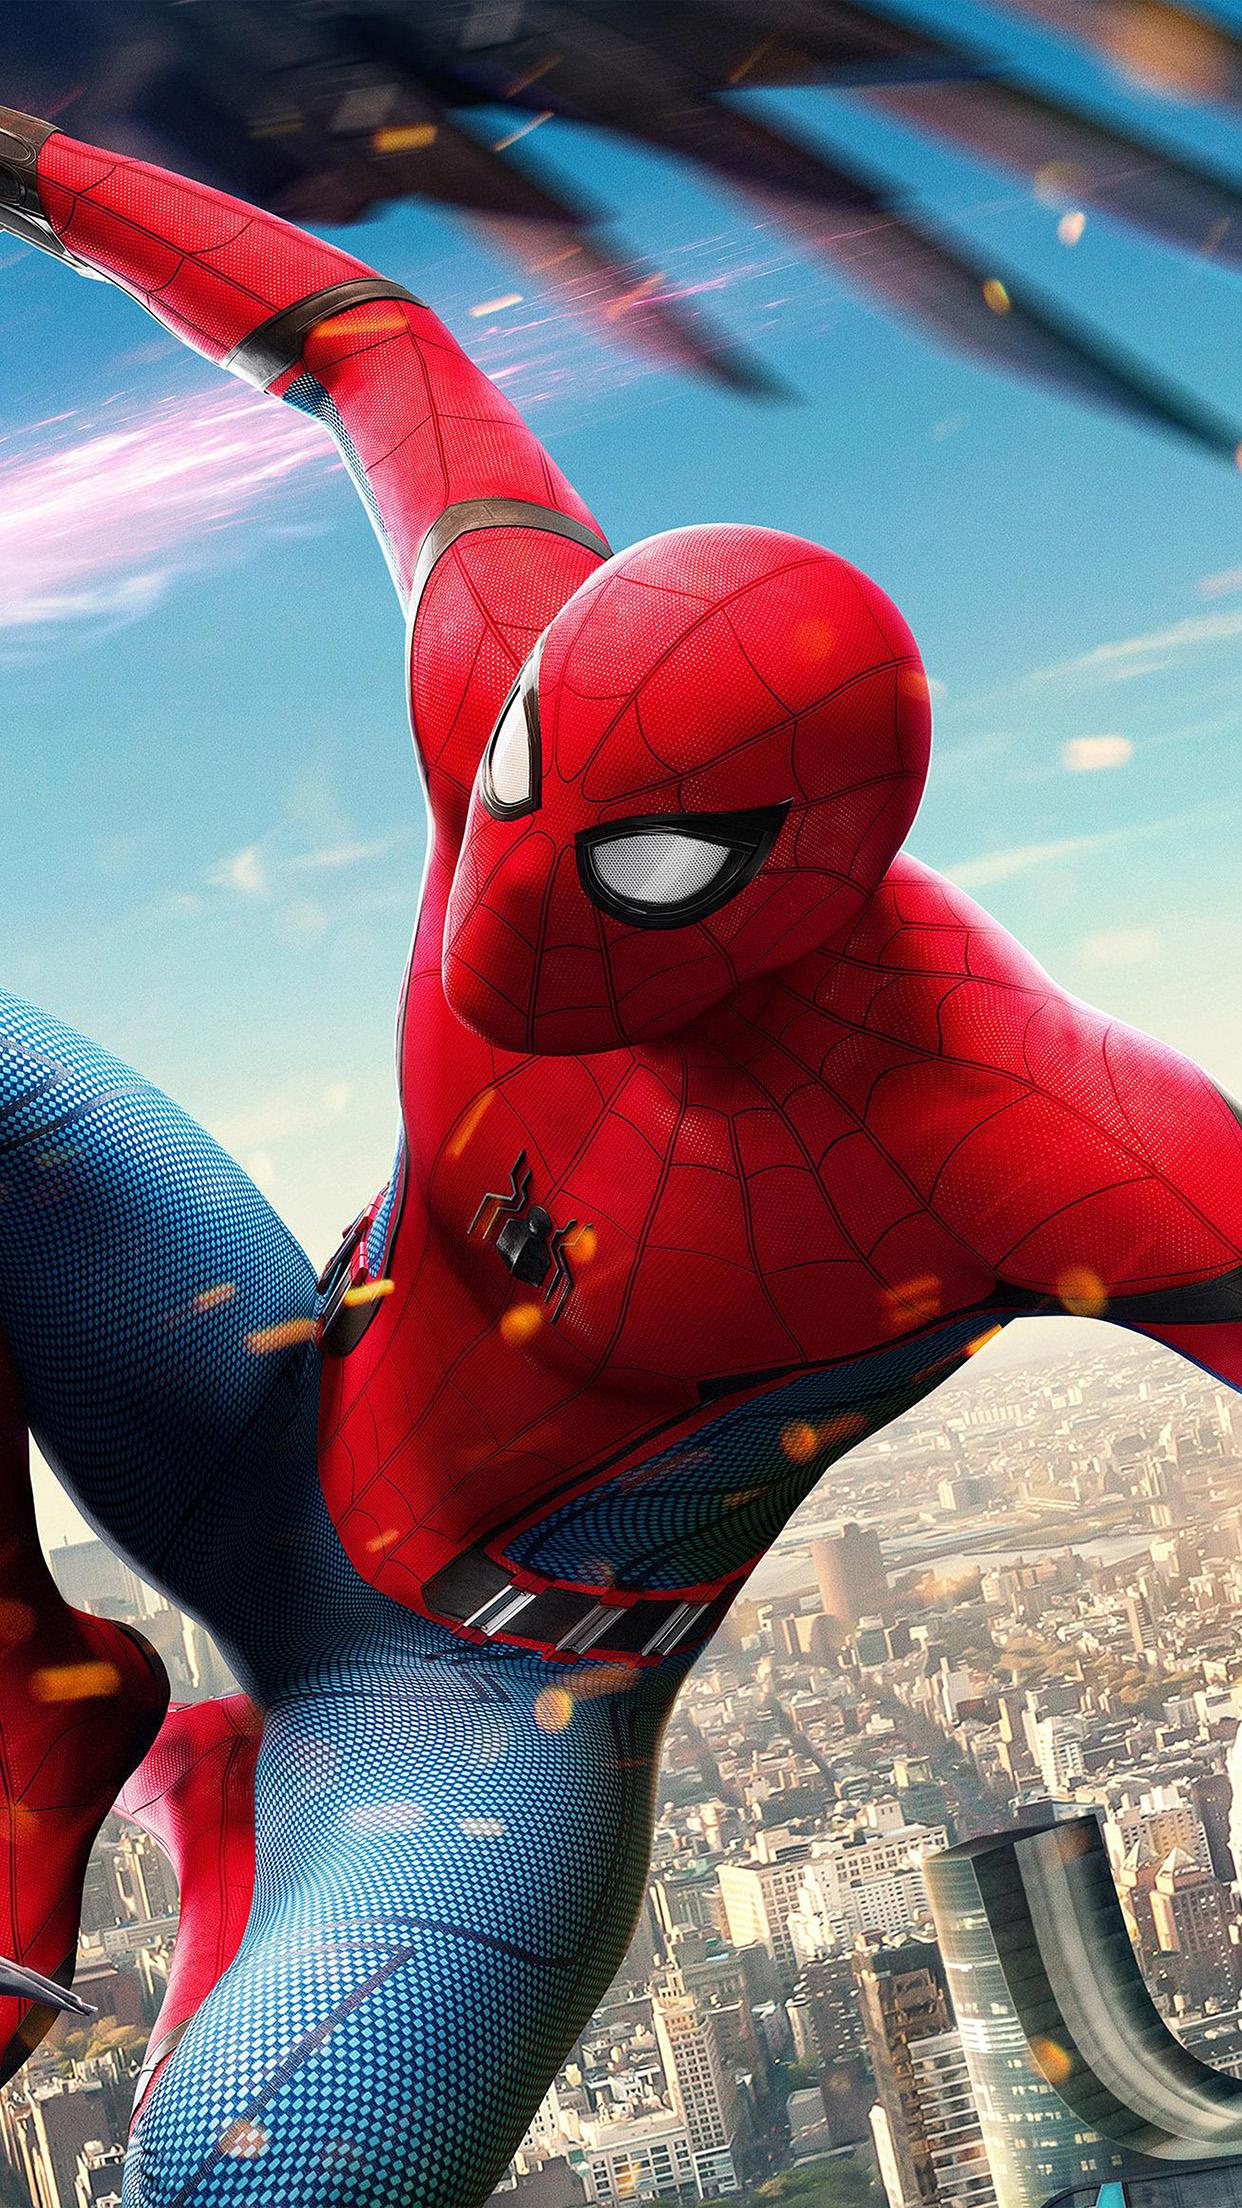 be77-spiderman-hero-marvel-avengers-art-illustration-wallpaper